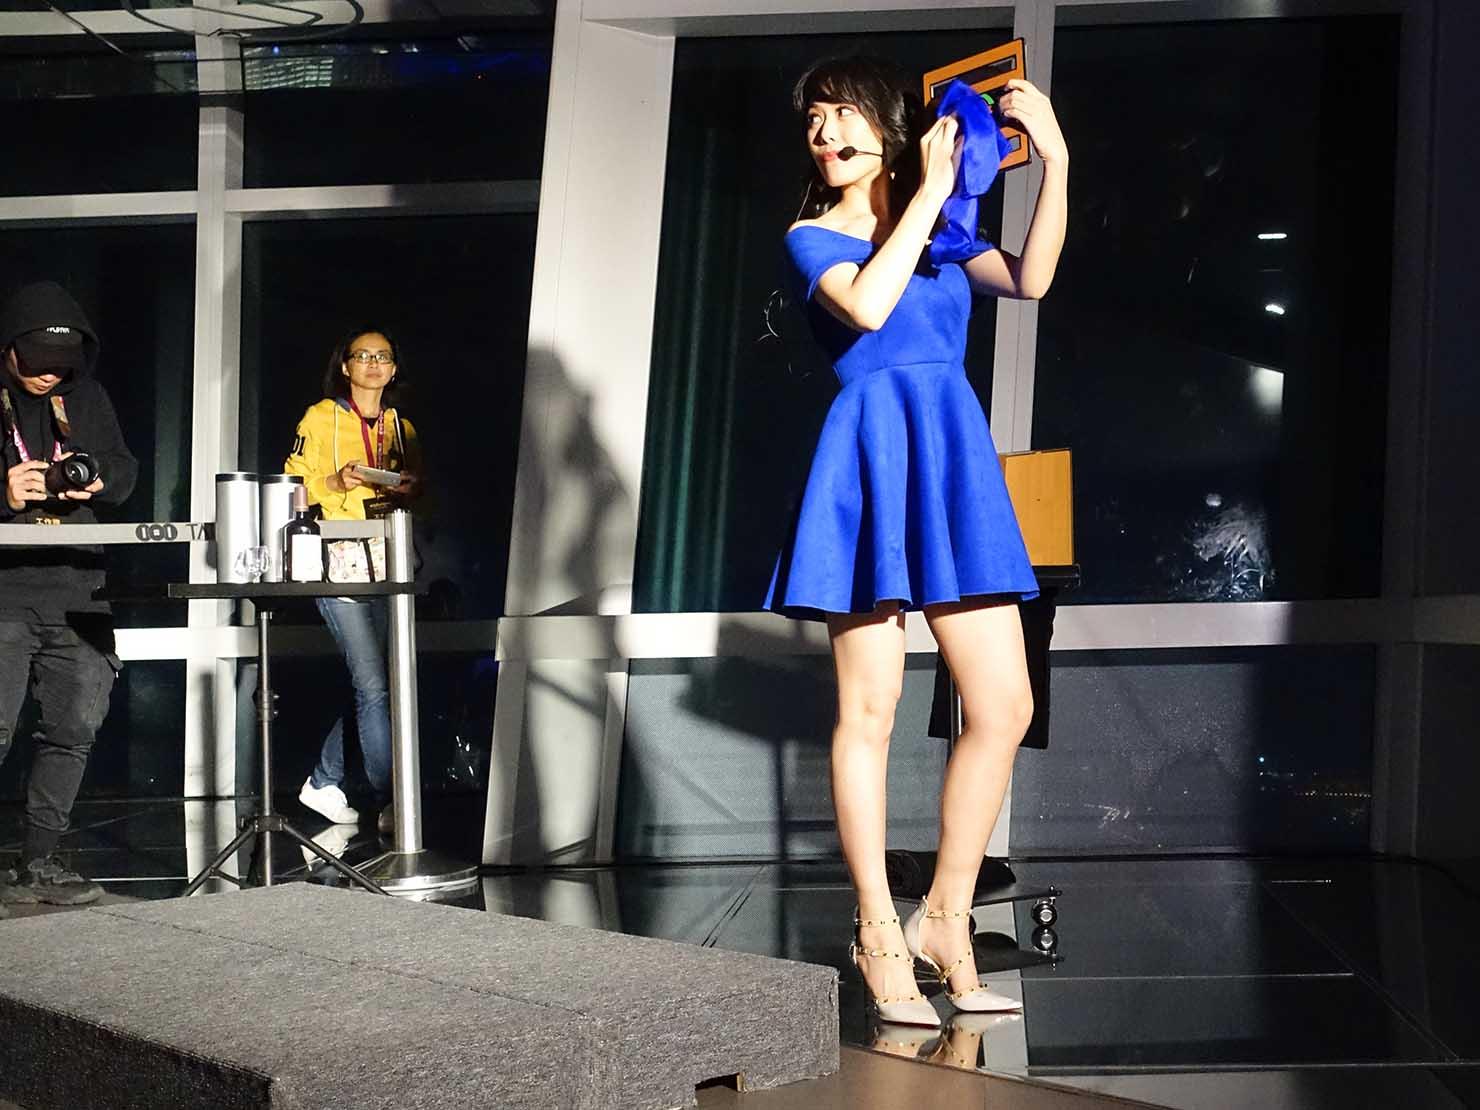 KKday「台北101 89階展望台カウントダウンパーティー」でパフォーマンスするマジシャン